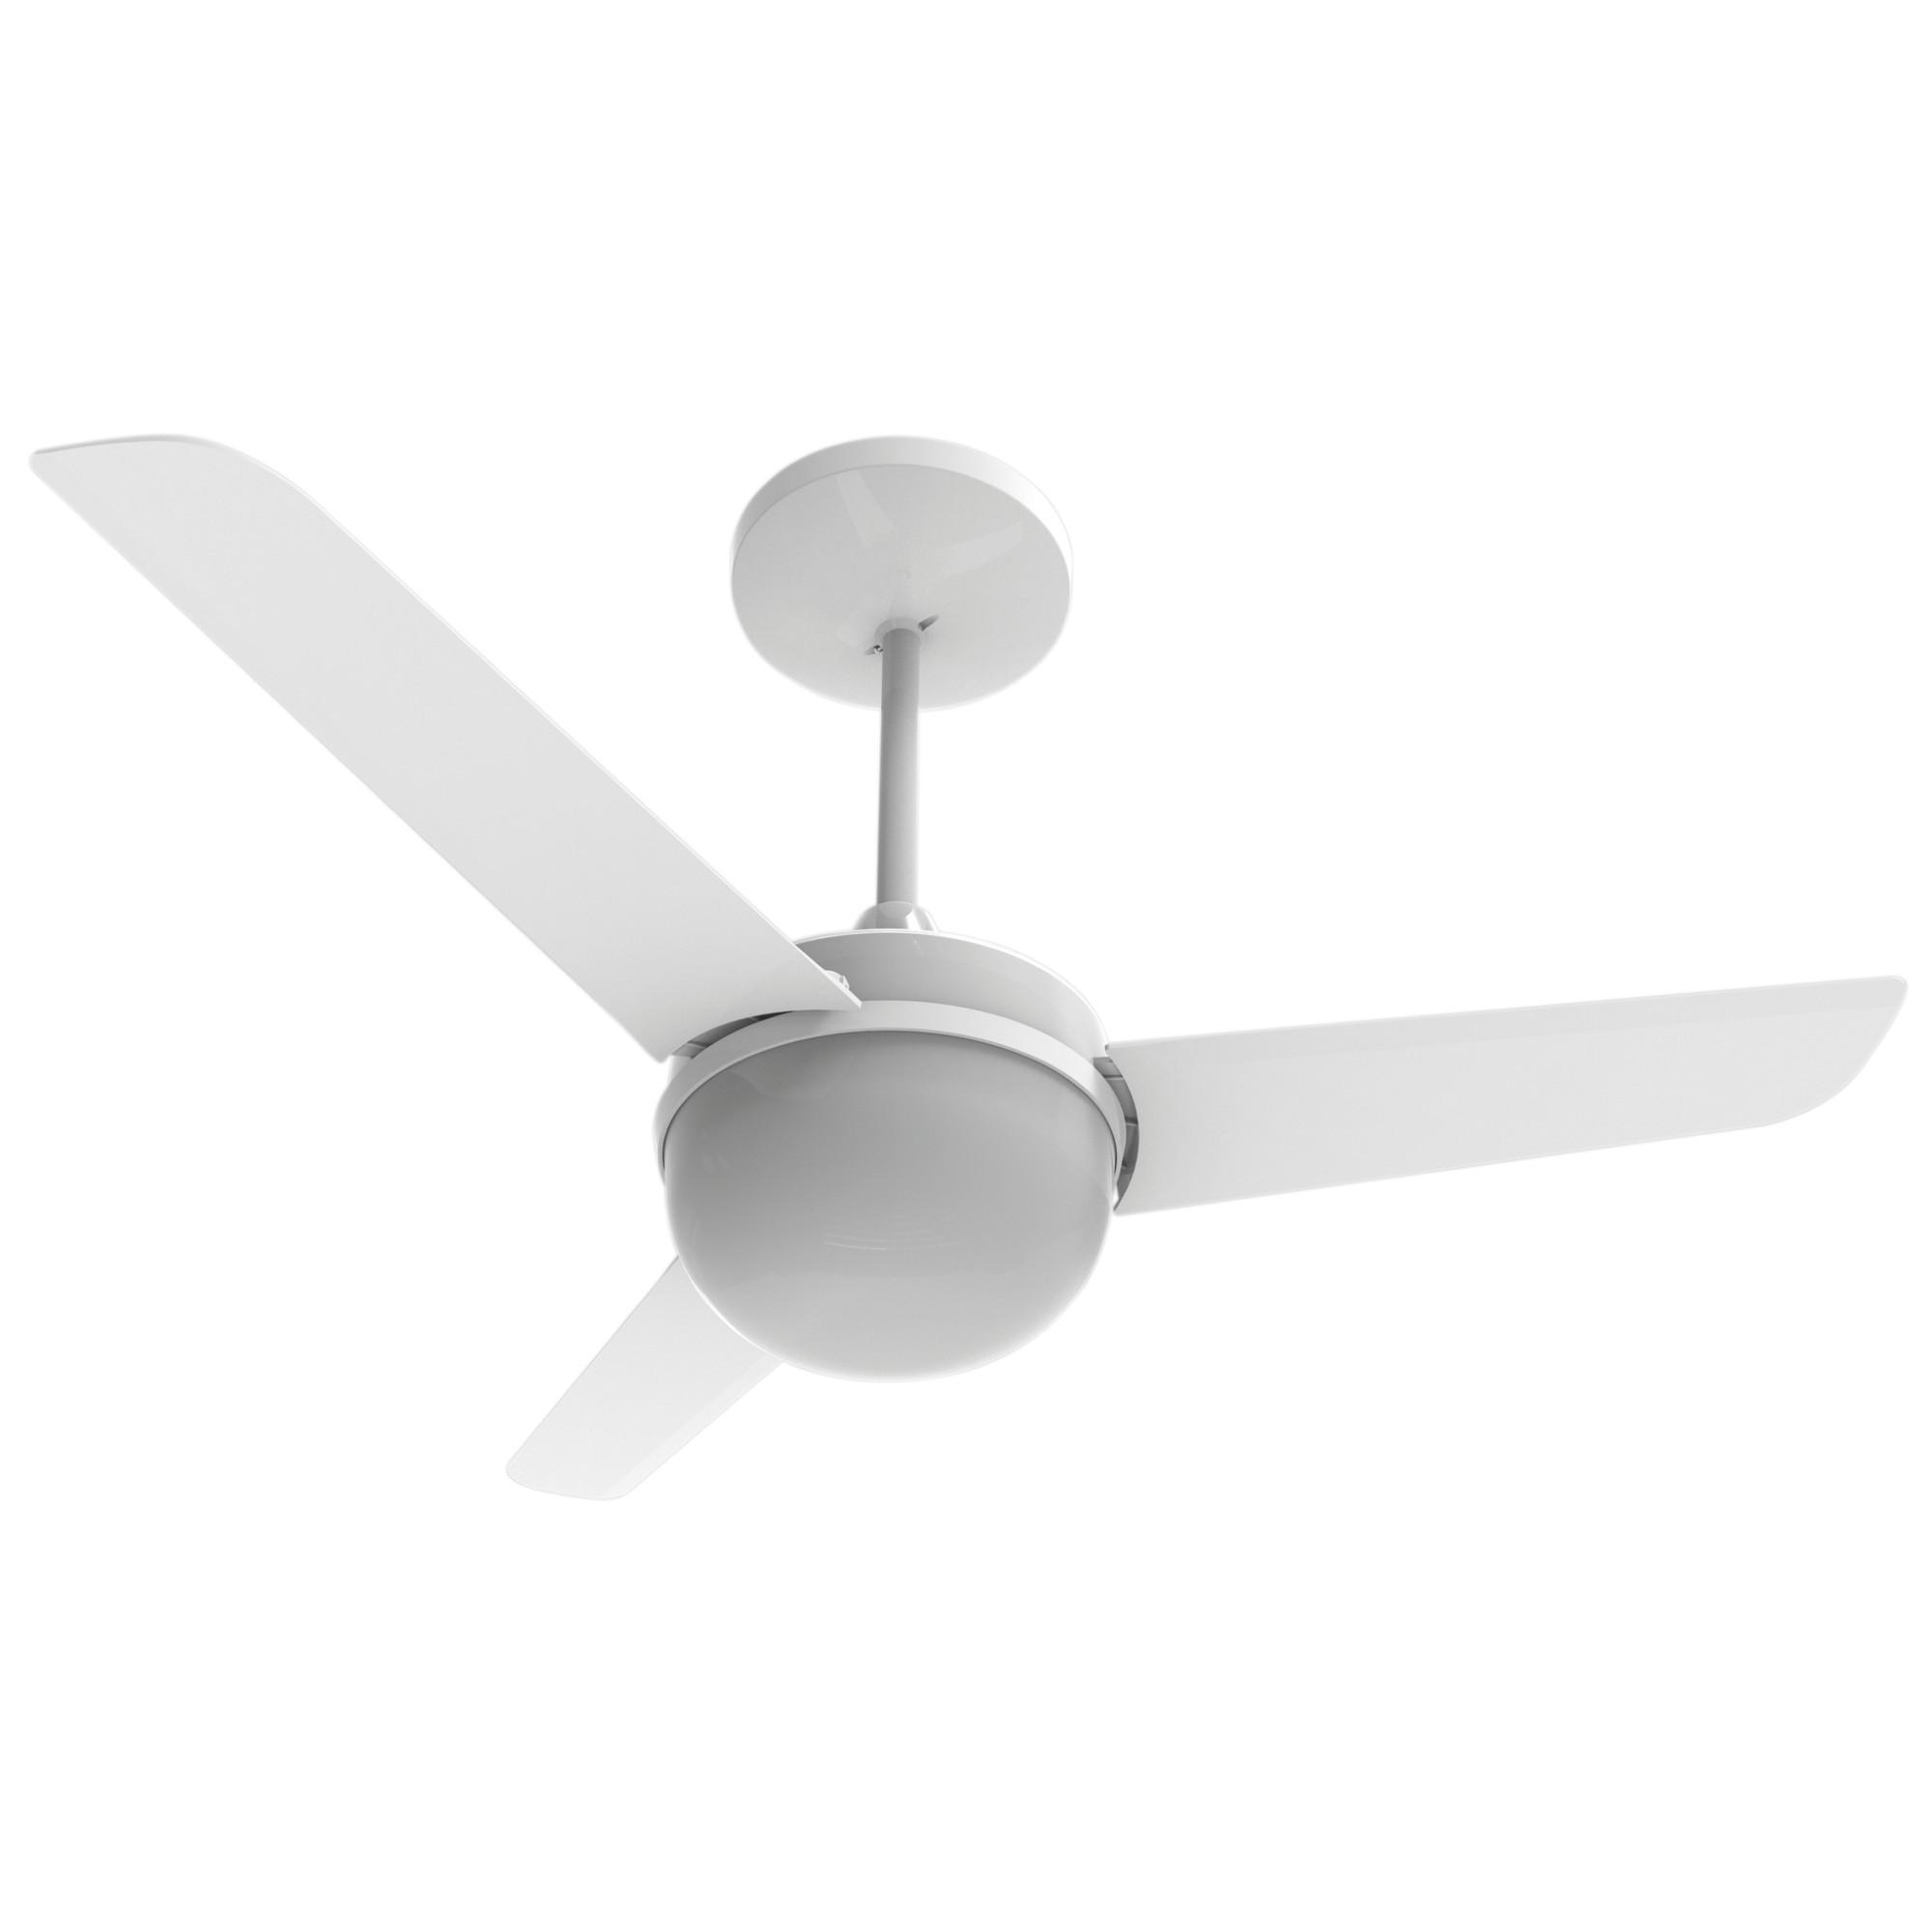 Ventilador de Teto Aliseu Branco 3 Pas Alisclean 220V - 2 Lampadas 3 Velocidades